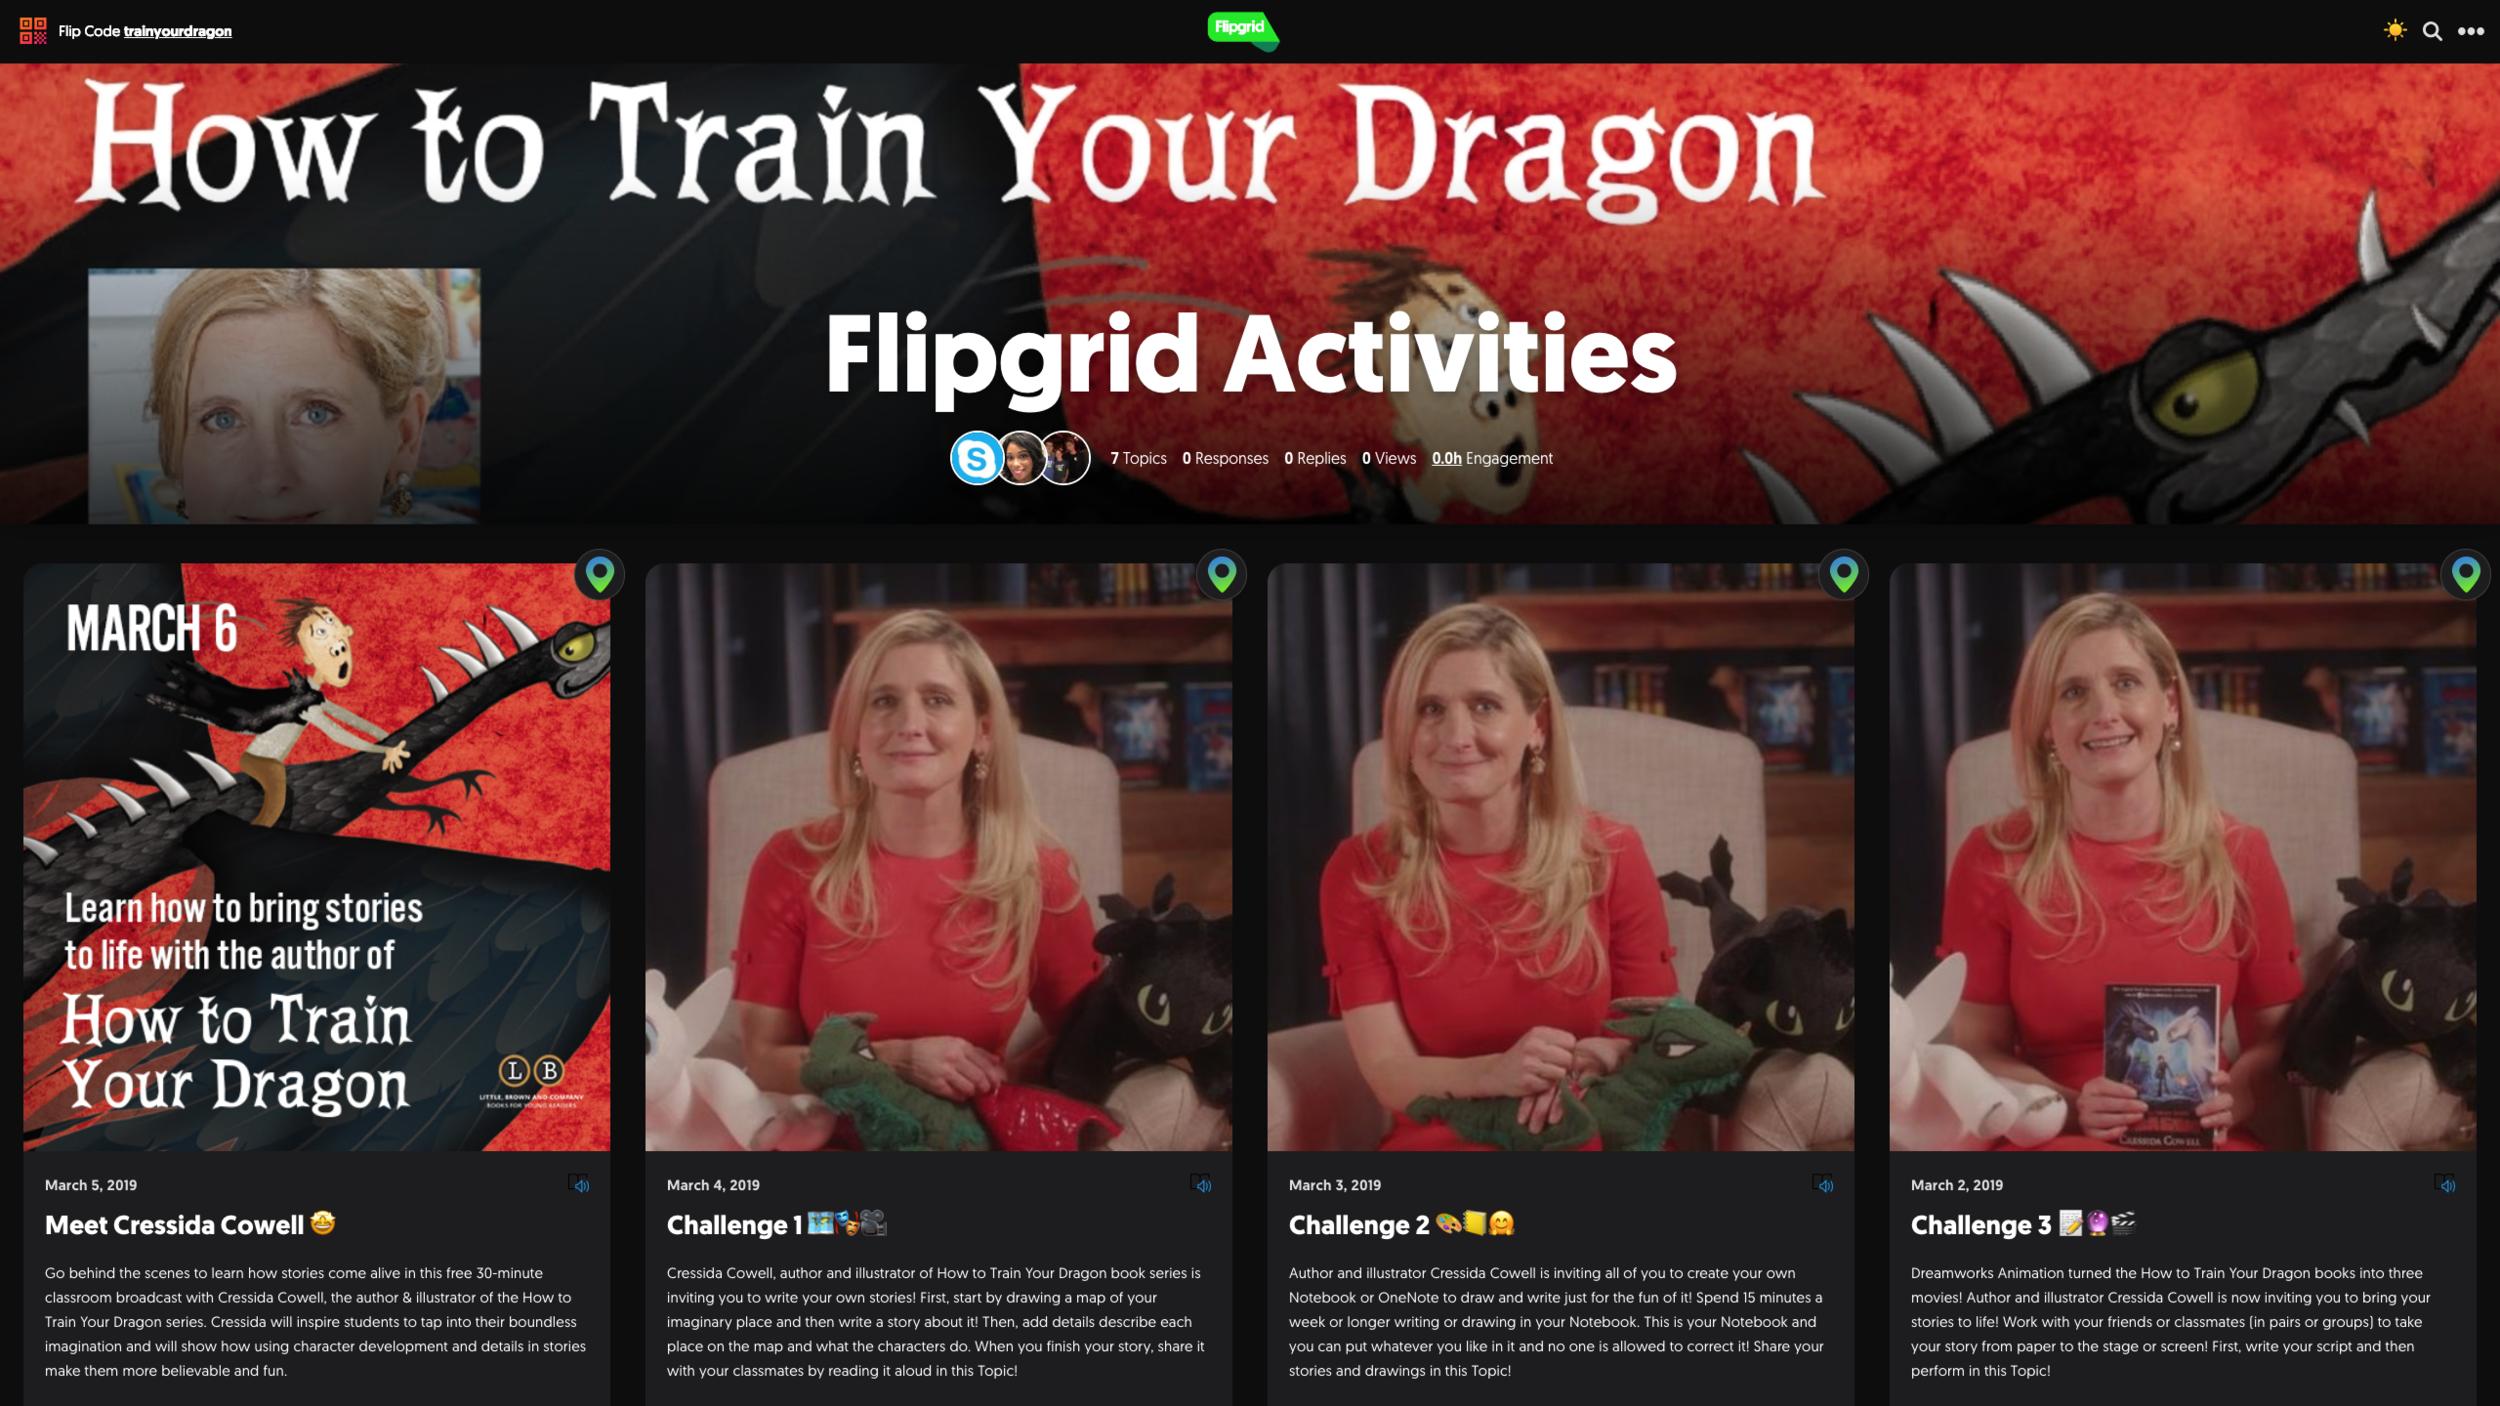 HowToTrainYourDragon_FlipgridActivities.png